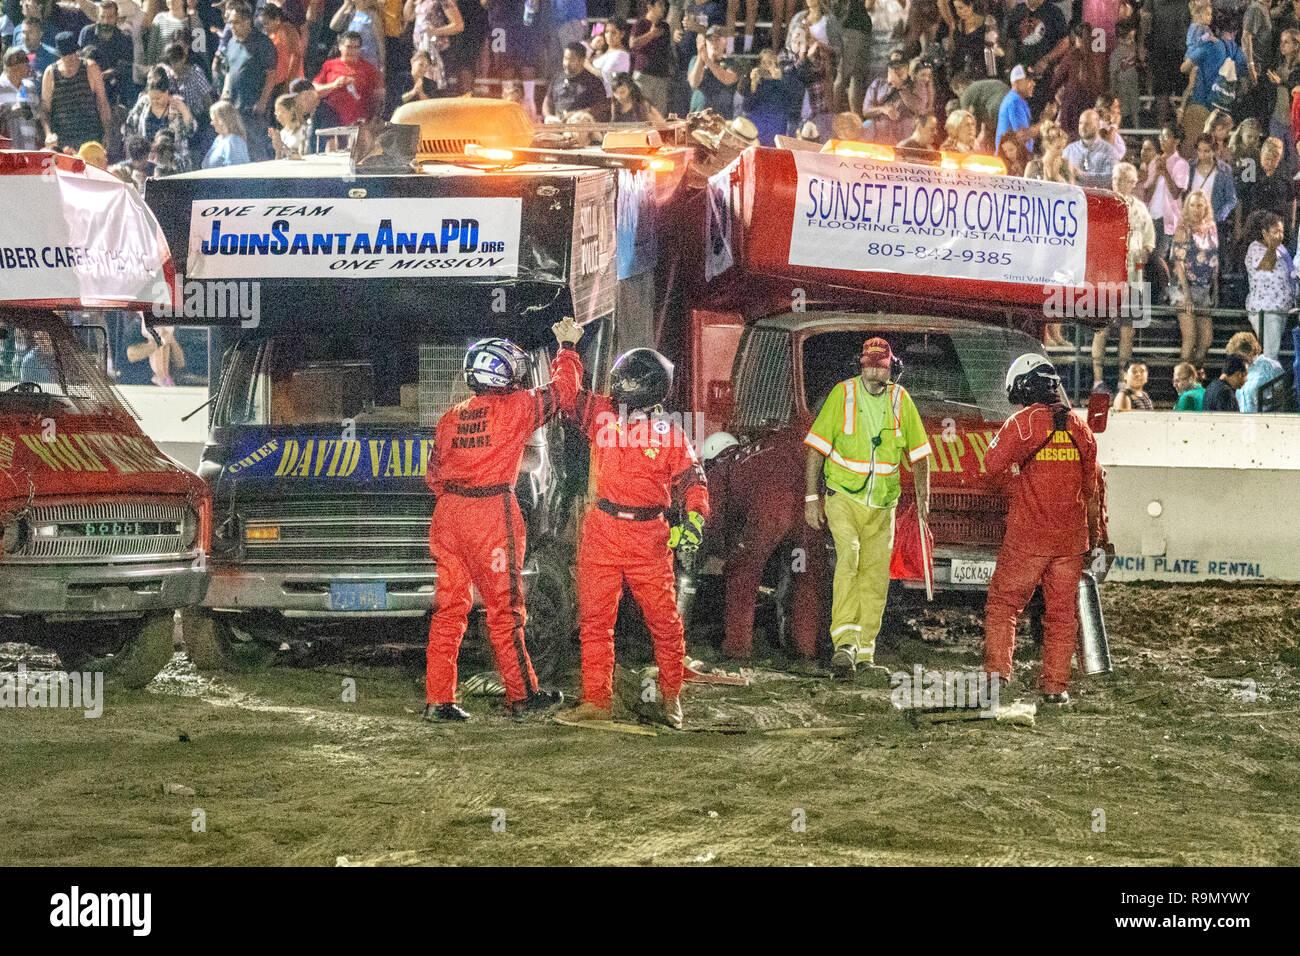 La sécurité des pilotes dans des vêtements et casques féliciter les uns les autres avec des 5 ans à l'arrivée d'un moteur accueil démo derby dans un Costa Mesa, CA, du stade. Photo Stock